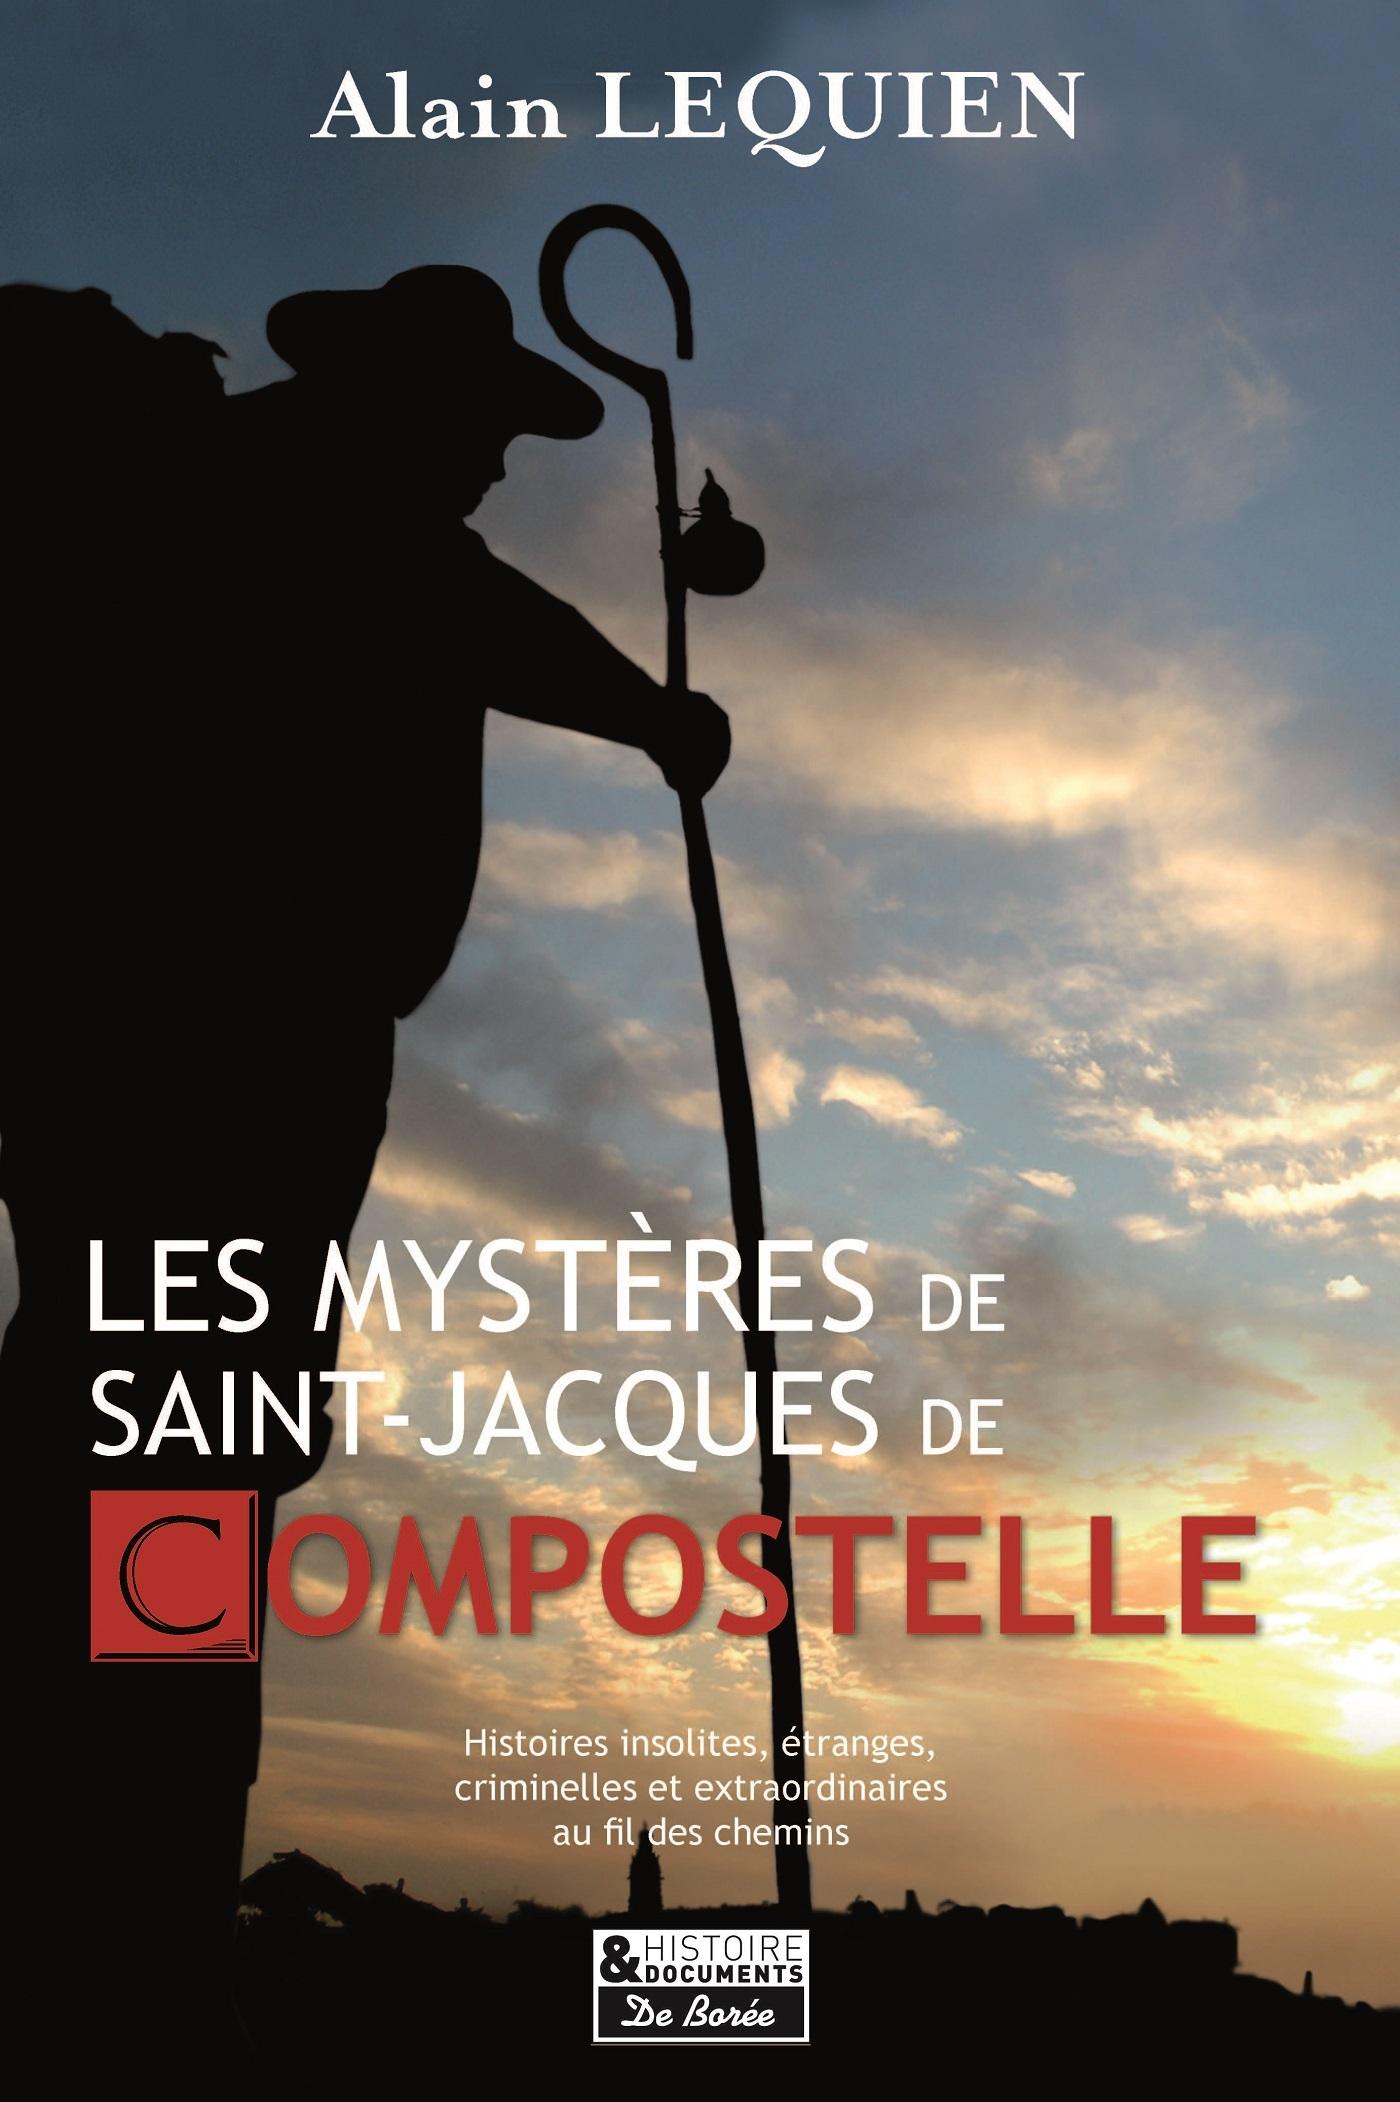 MYSTERES DE SAINT-JACQUES DE COMPOSTELLE (LES)